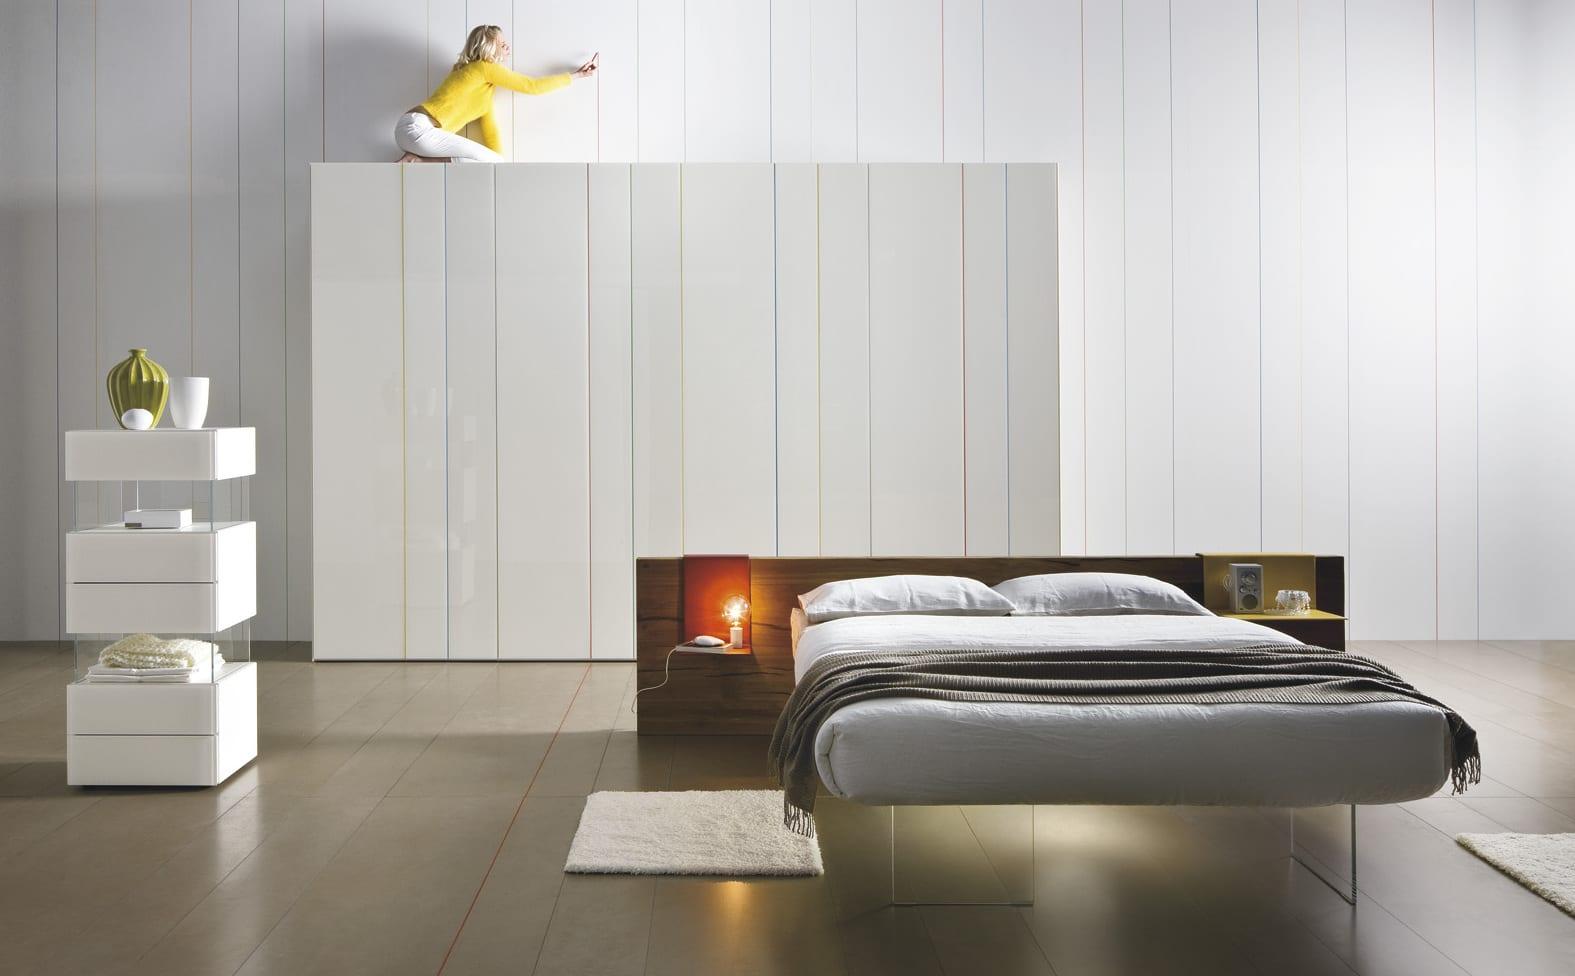 moderne schlafzimmer idee mit Holzbett und weißen Tapeten mit Streifenmuster für moderne Wandgestaltung